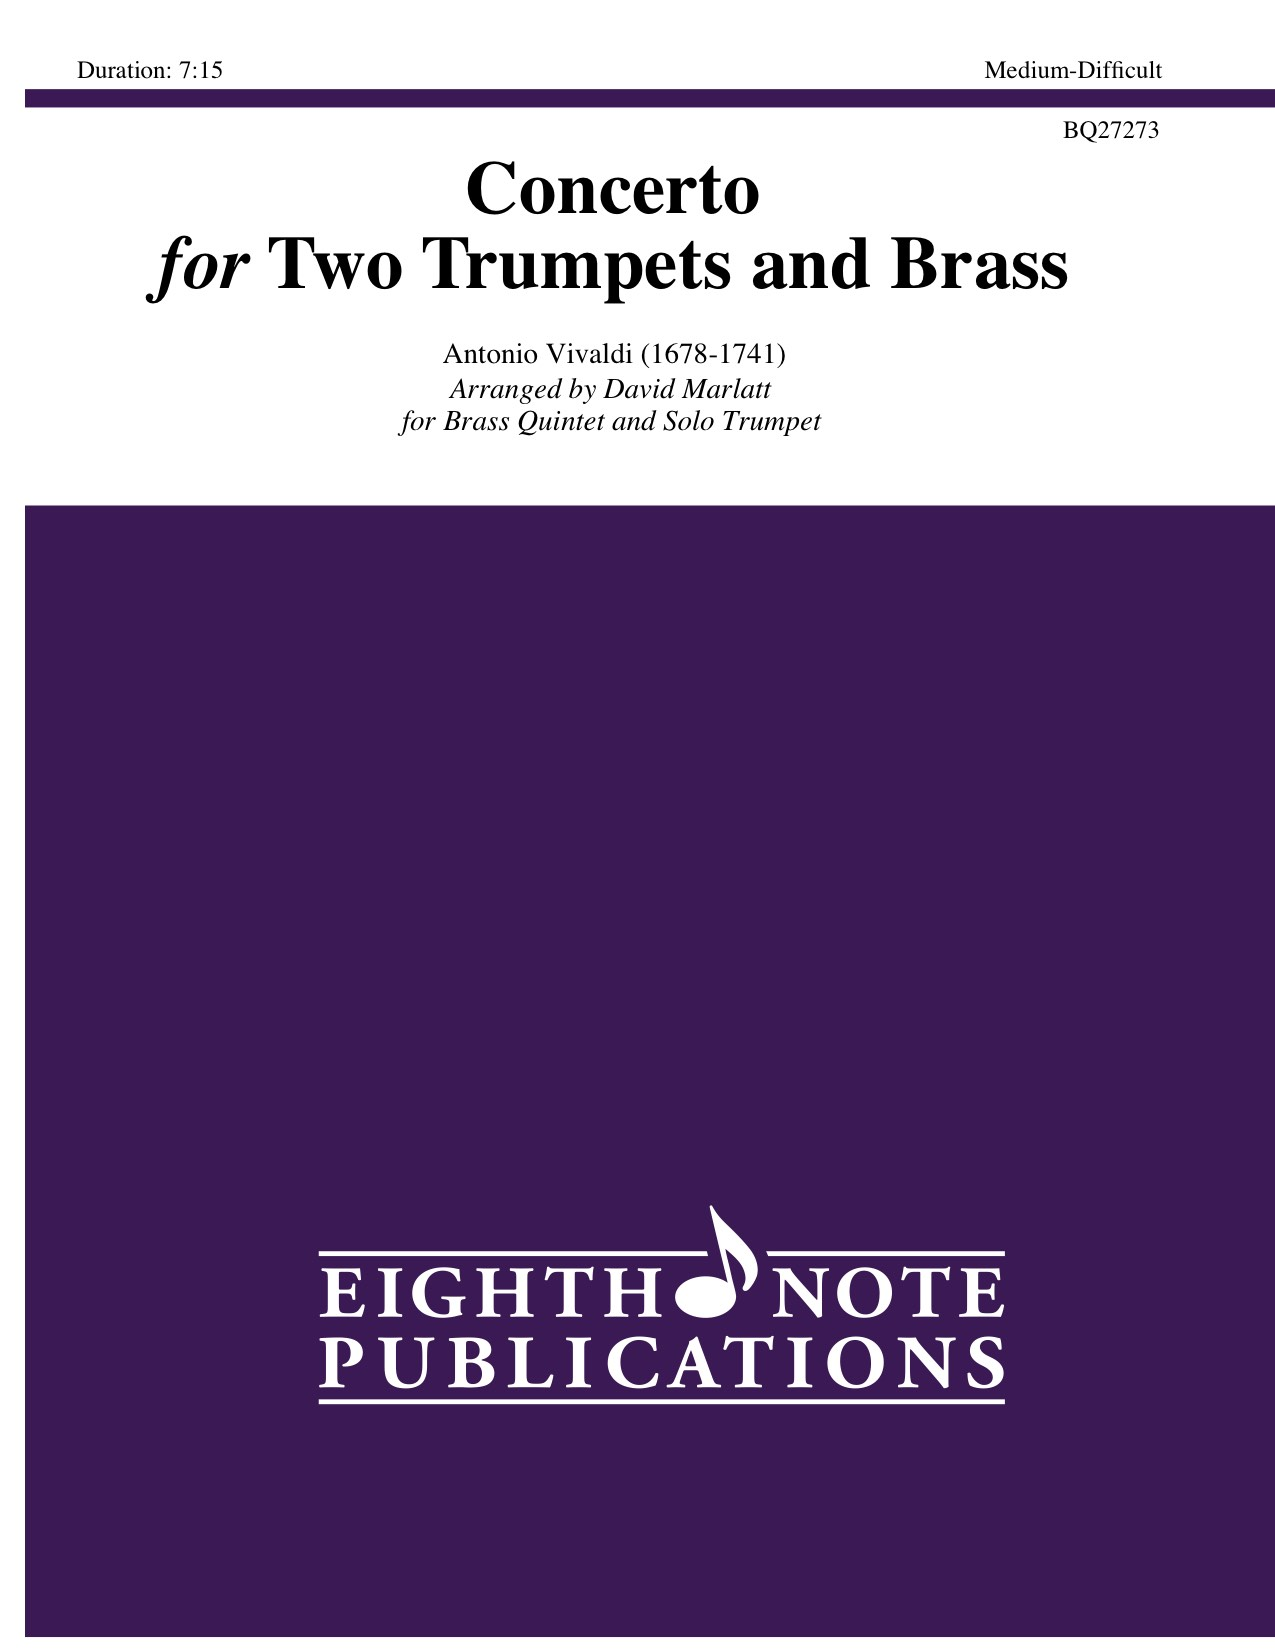 Concerto for Two Trumpets and Brass  - Antonio Vivaldi